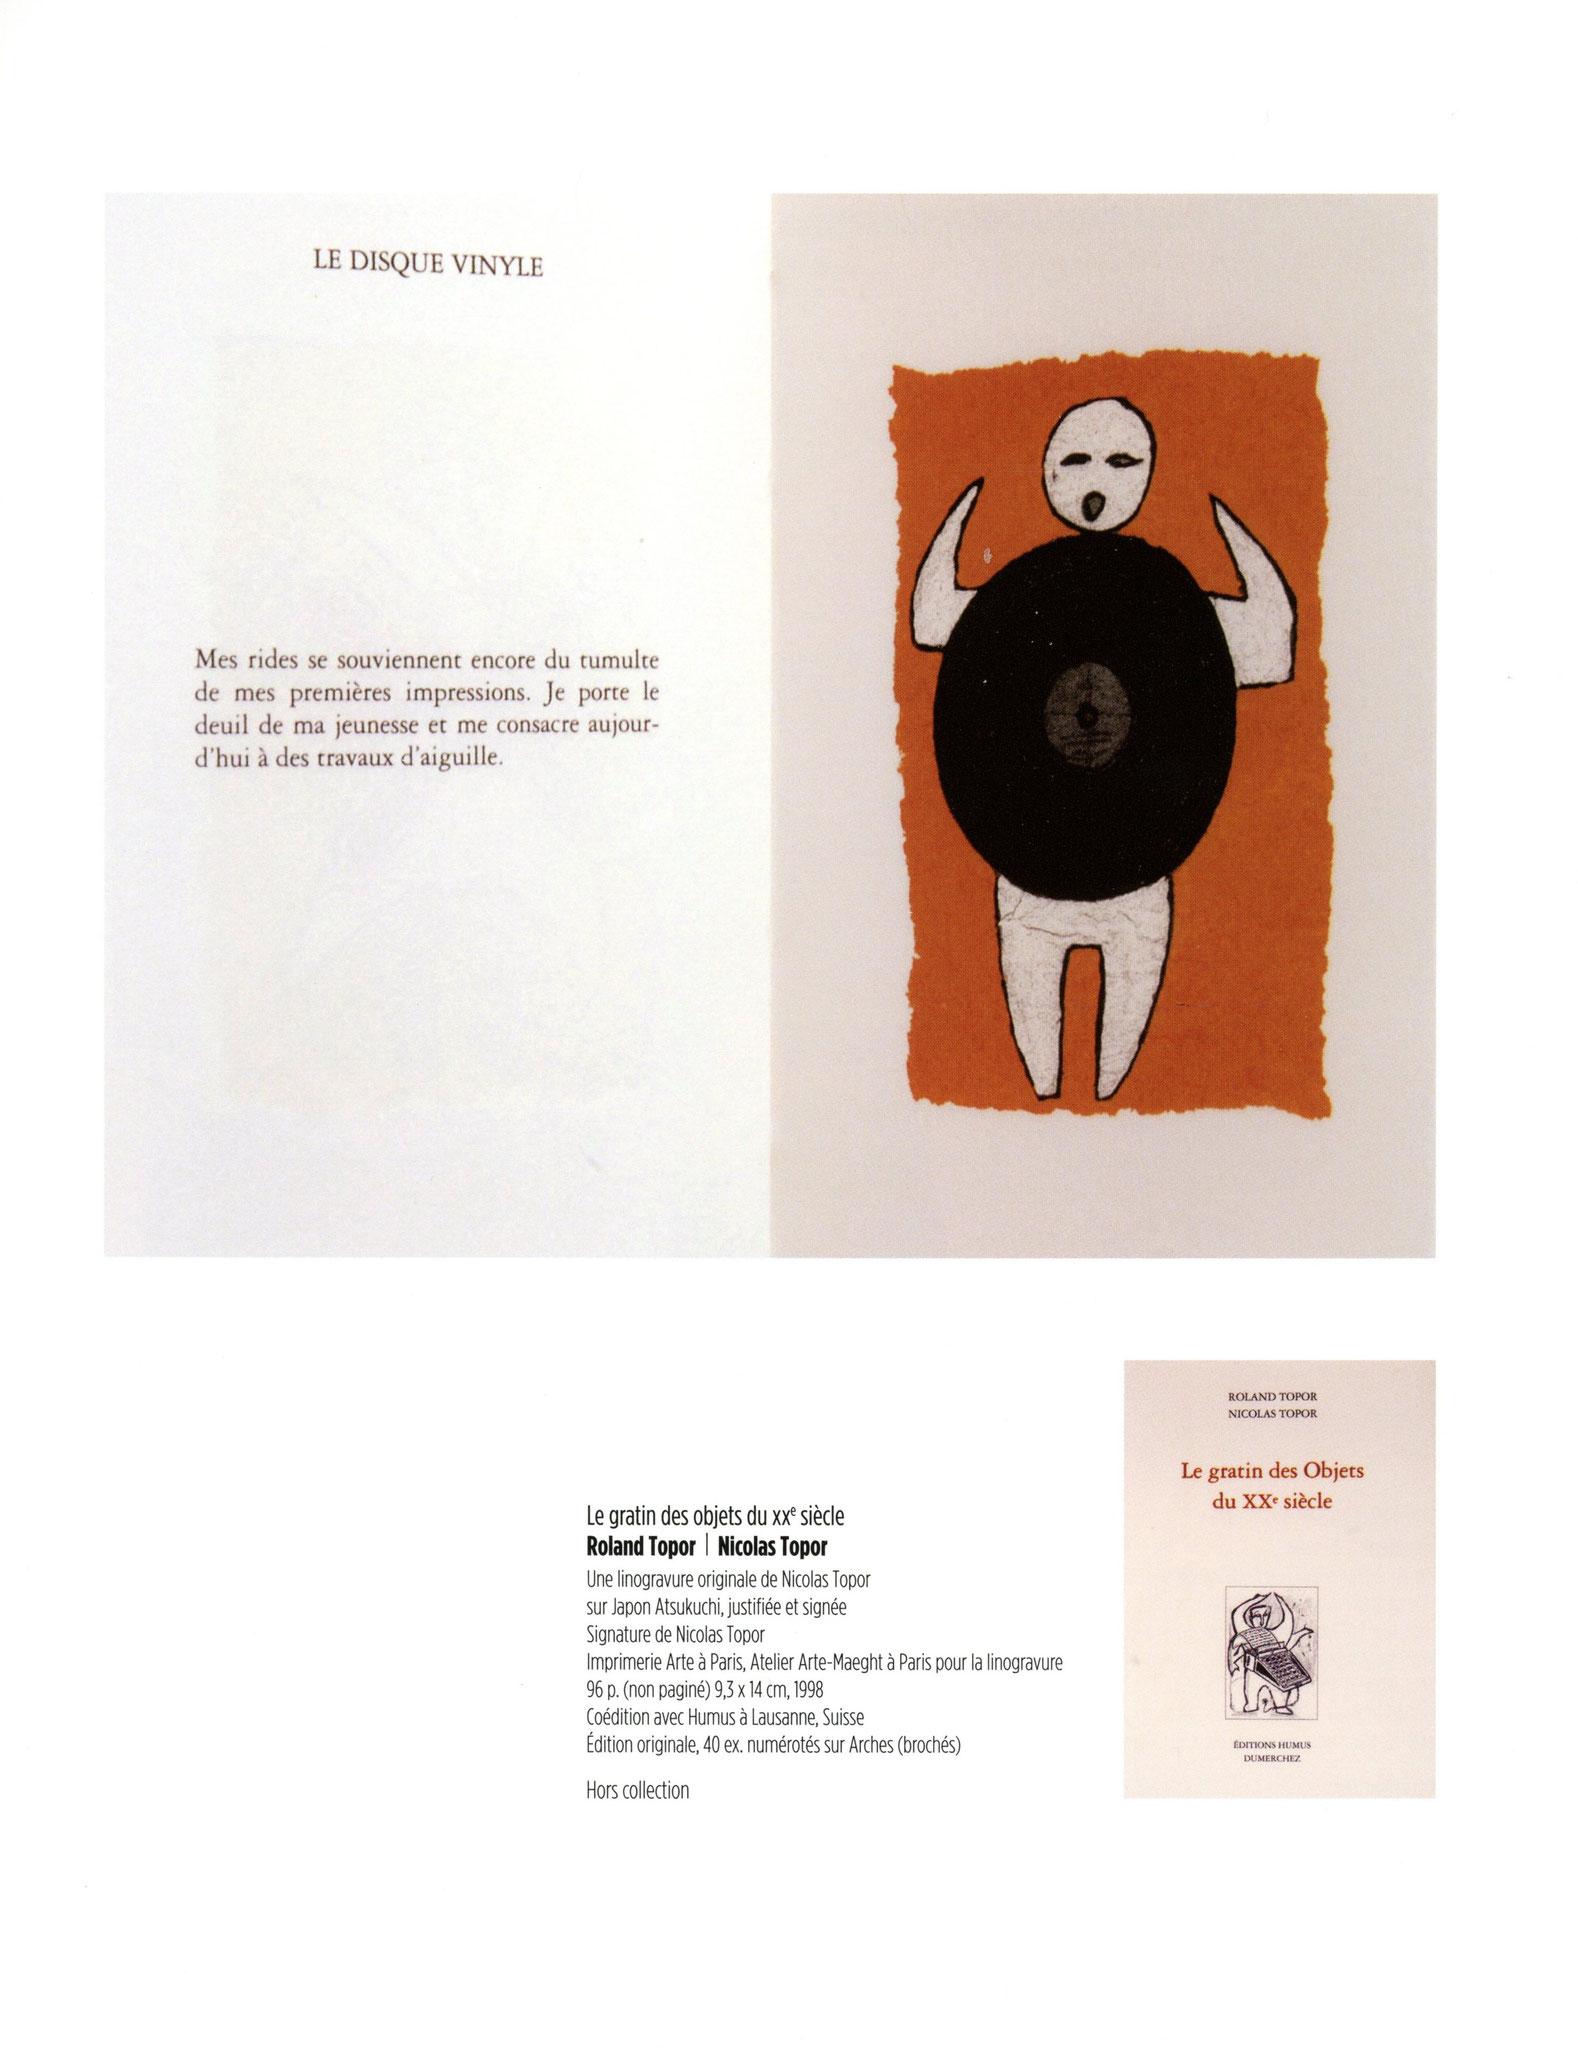 Le gratin des objets du XXème siècle - Roland Topor / Nicolas Topor